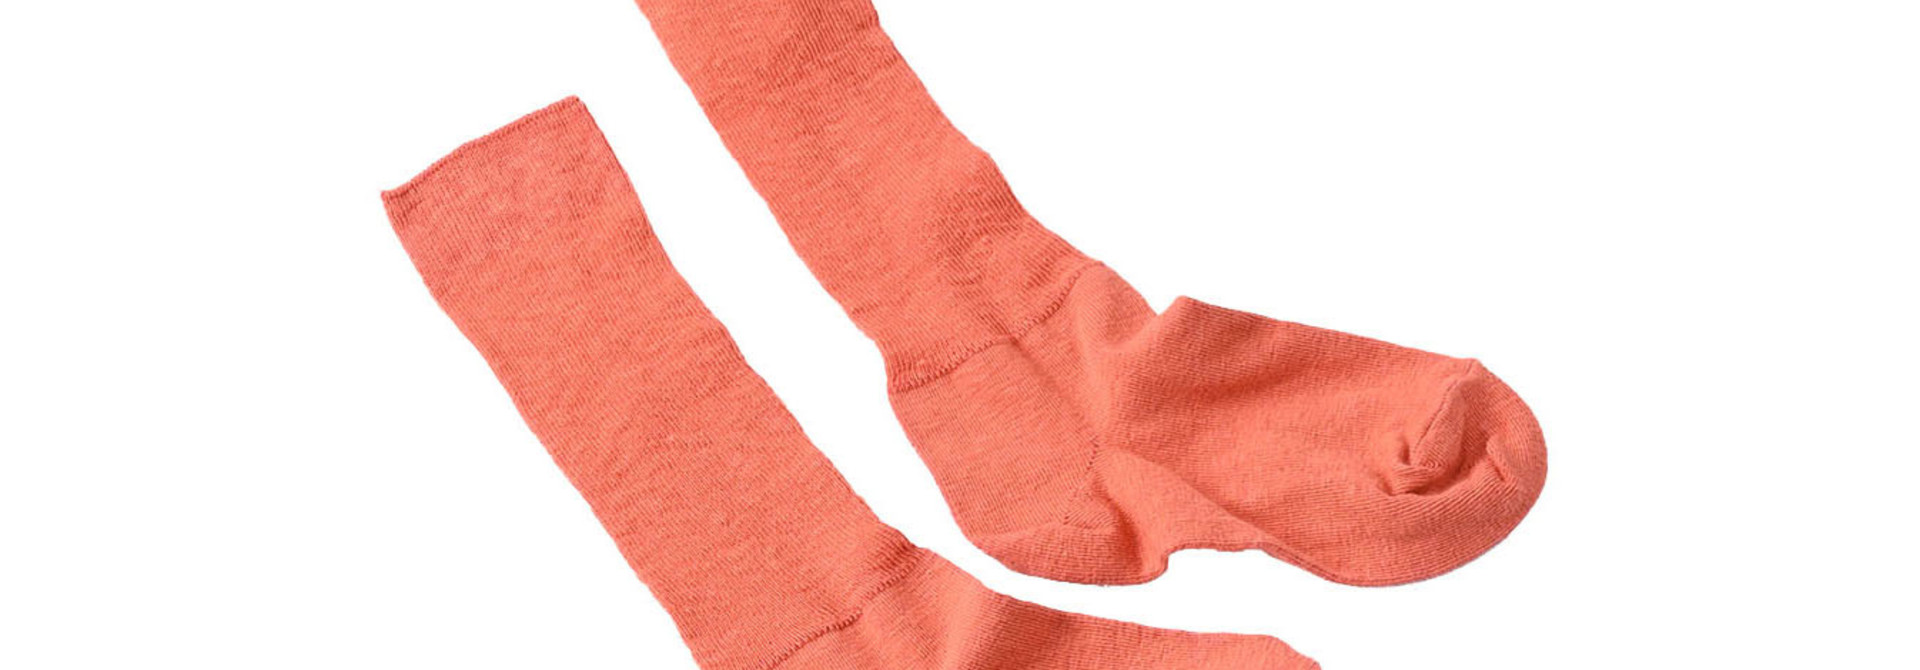 Piece-dyed 45 Star Socks